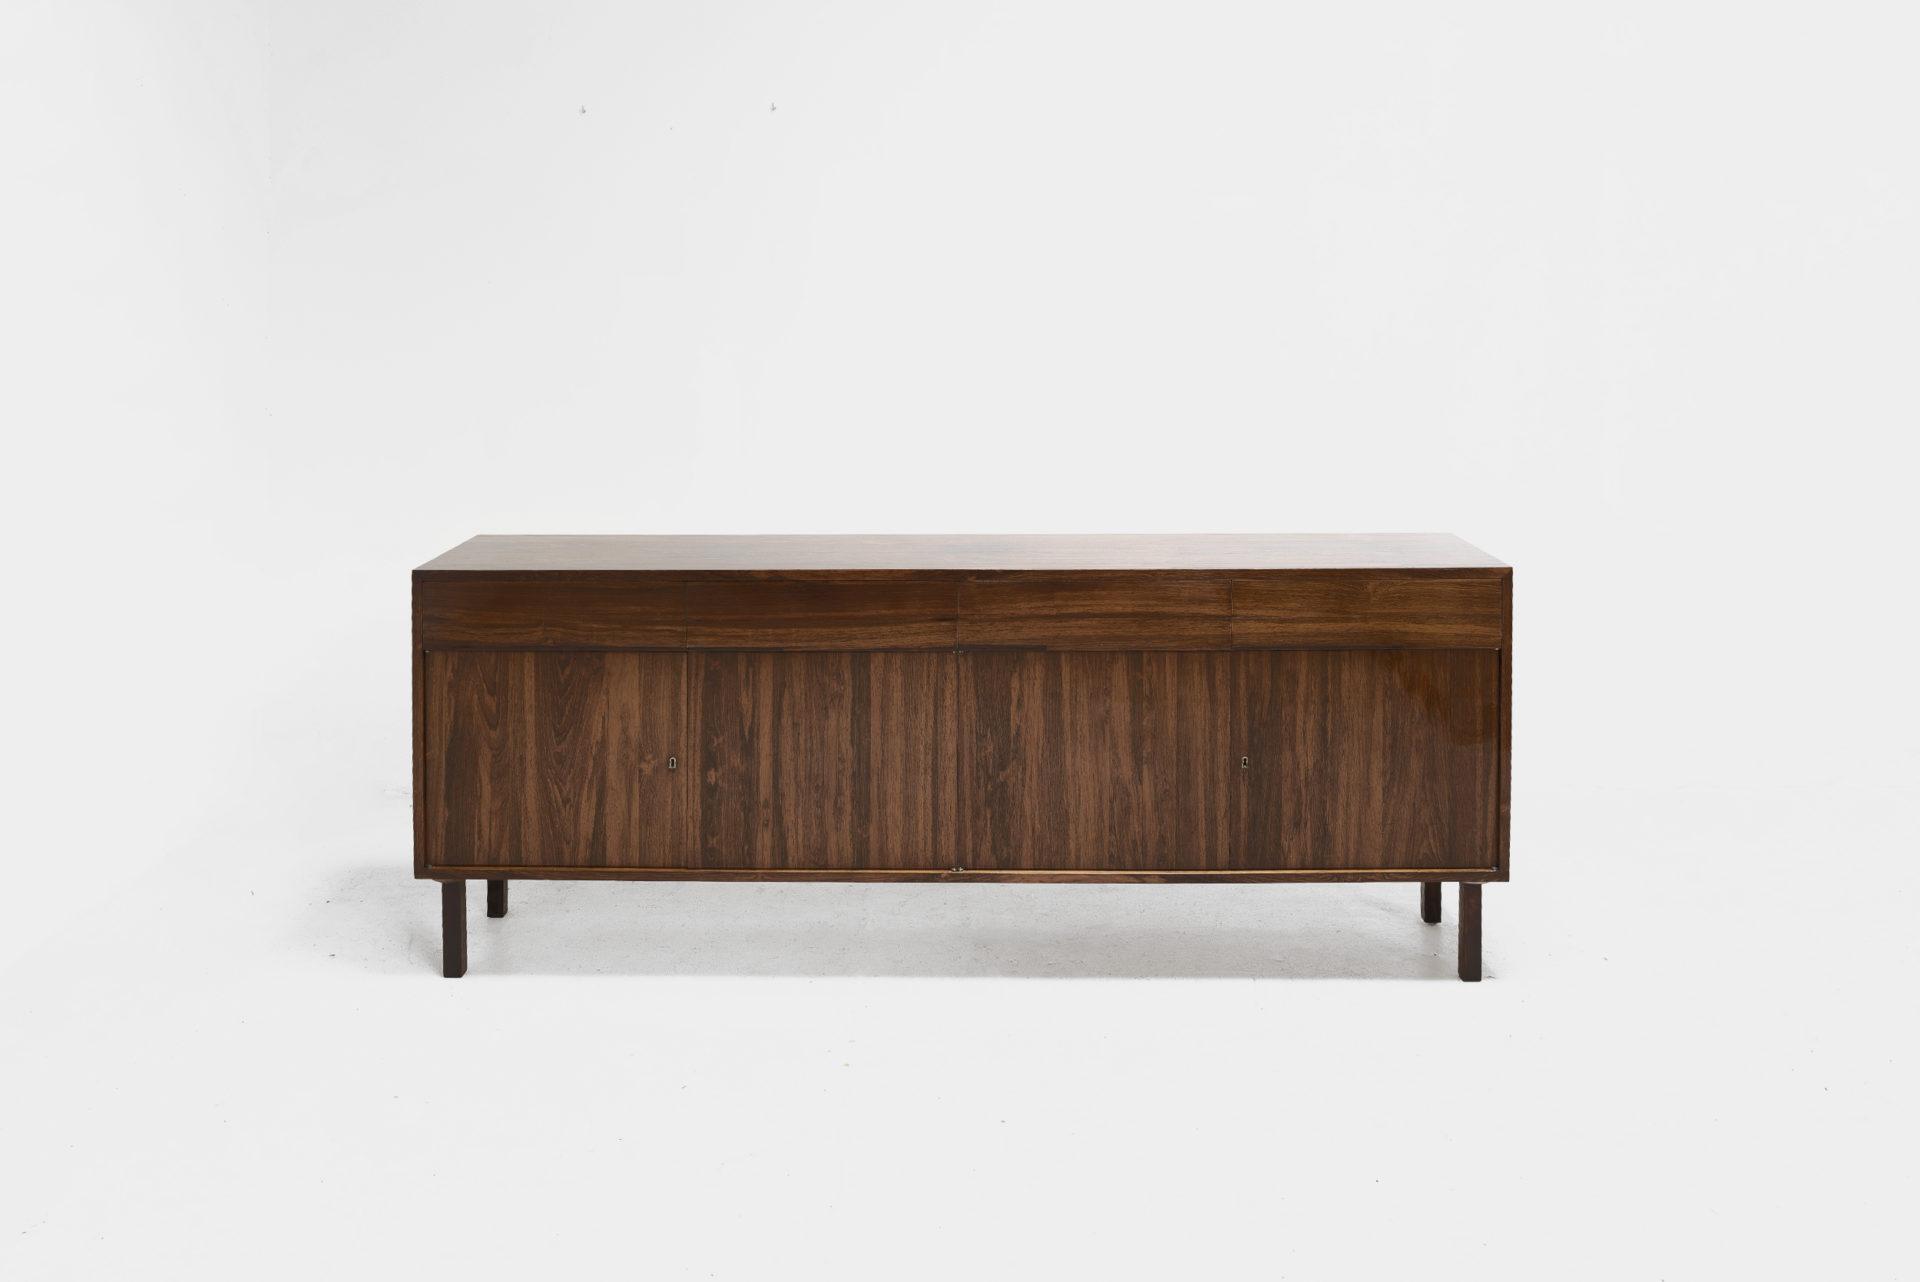 Buffet designed by Geraldo de Barros made of jacaranda wood